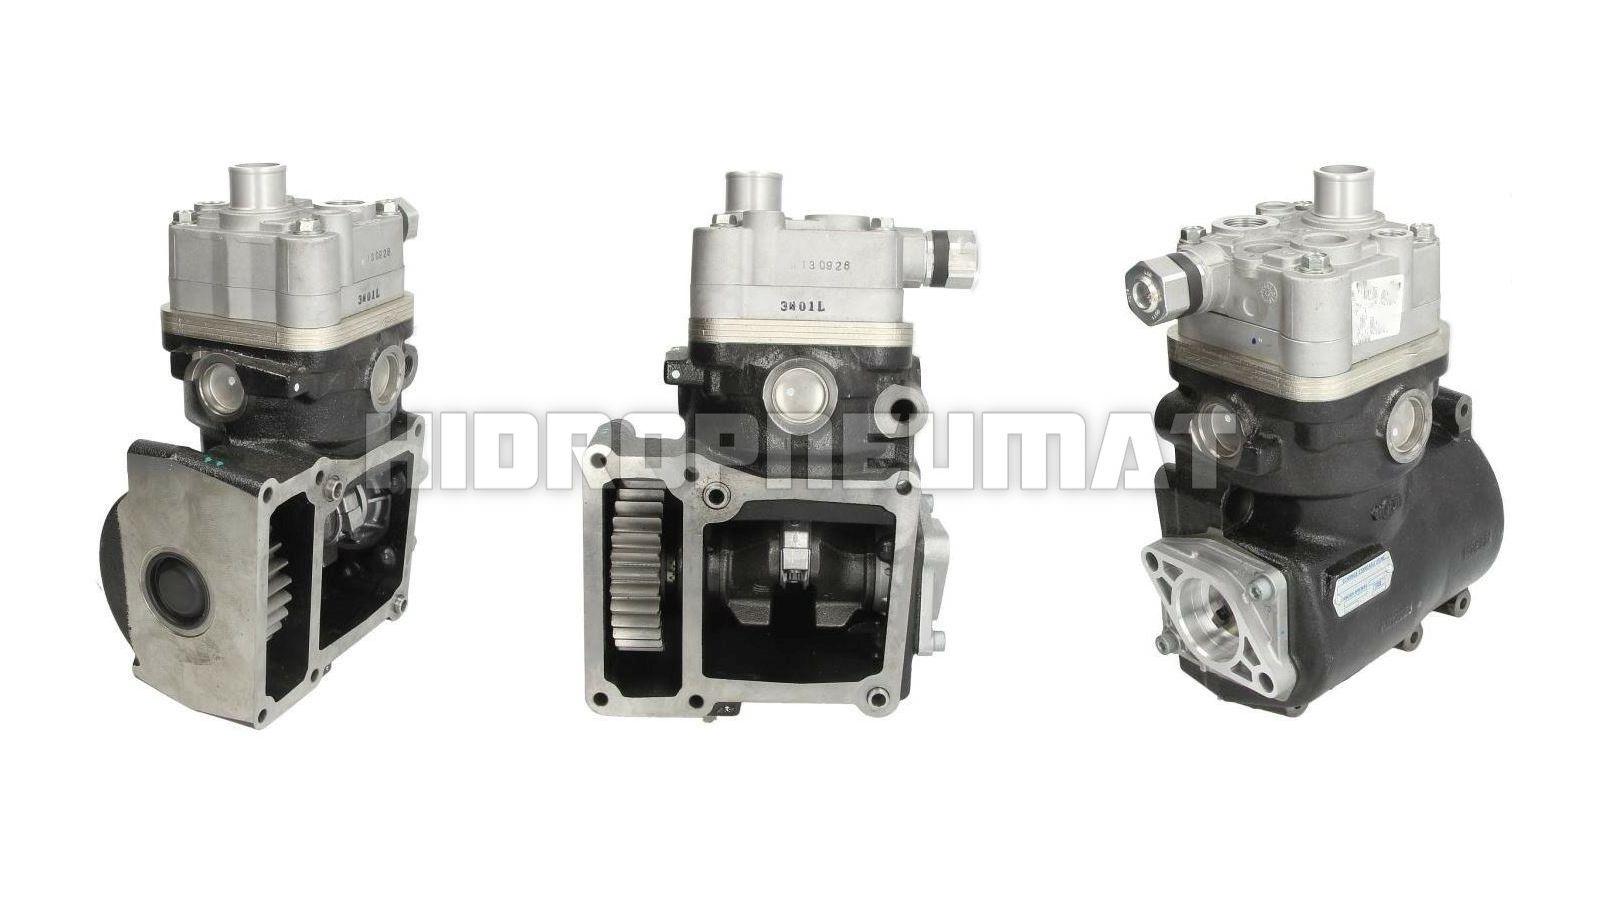 kompresor-knorr-man-tga-lp3997-no-old-core-125562_1.jpg